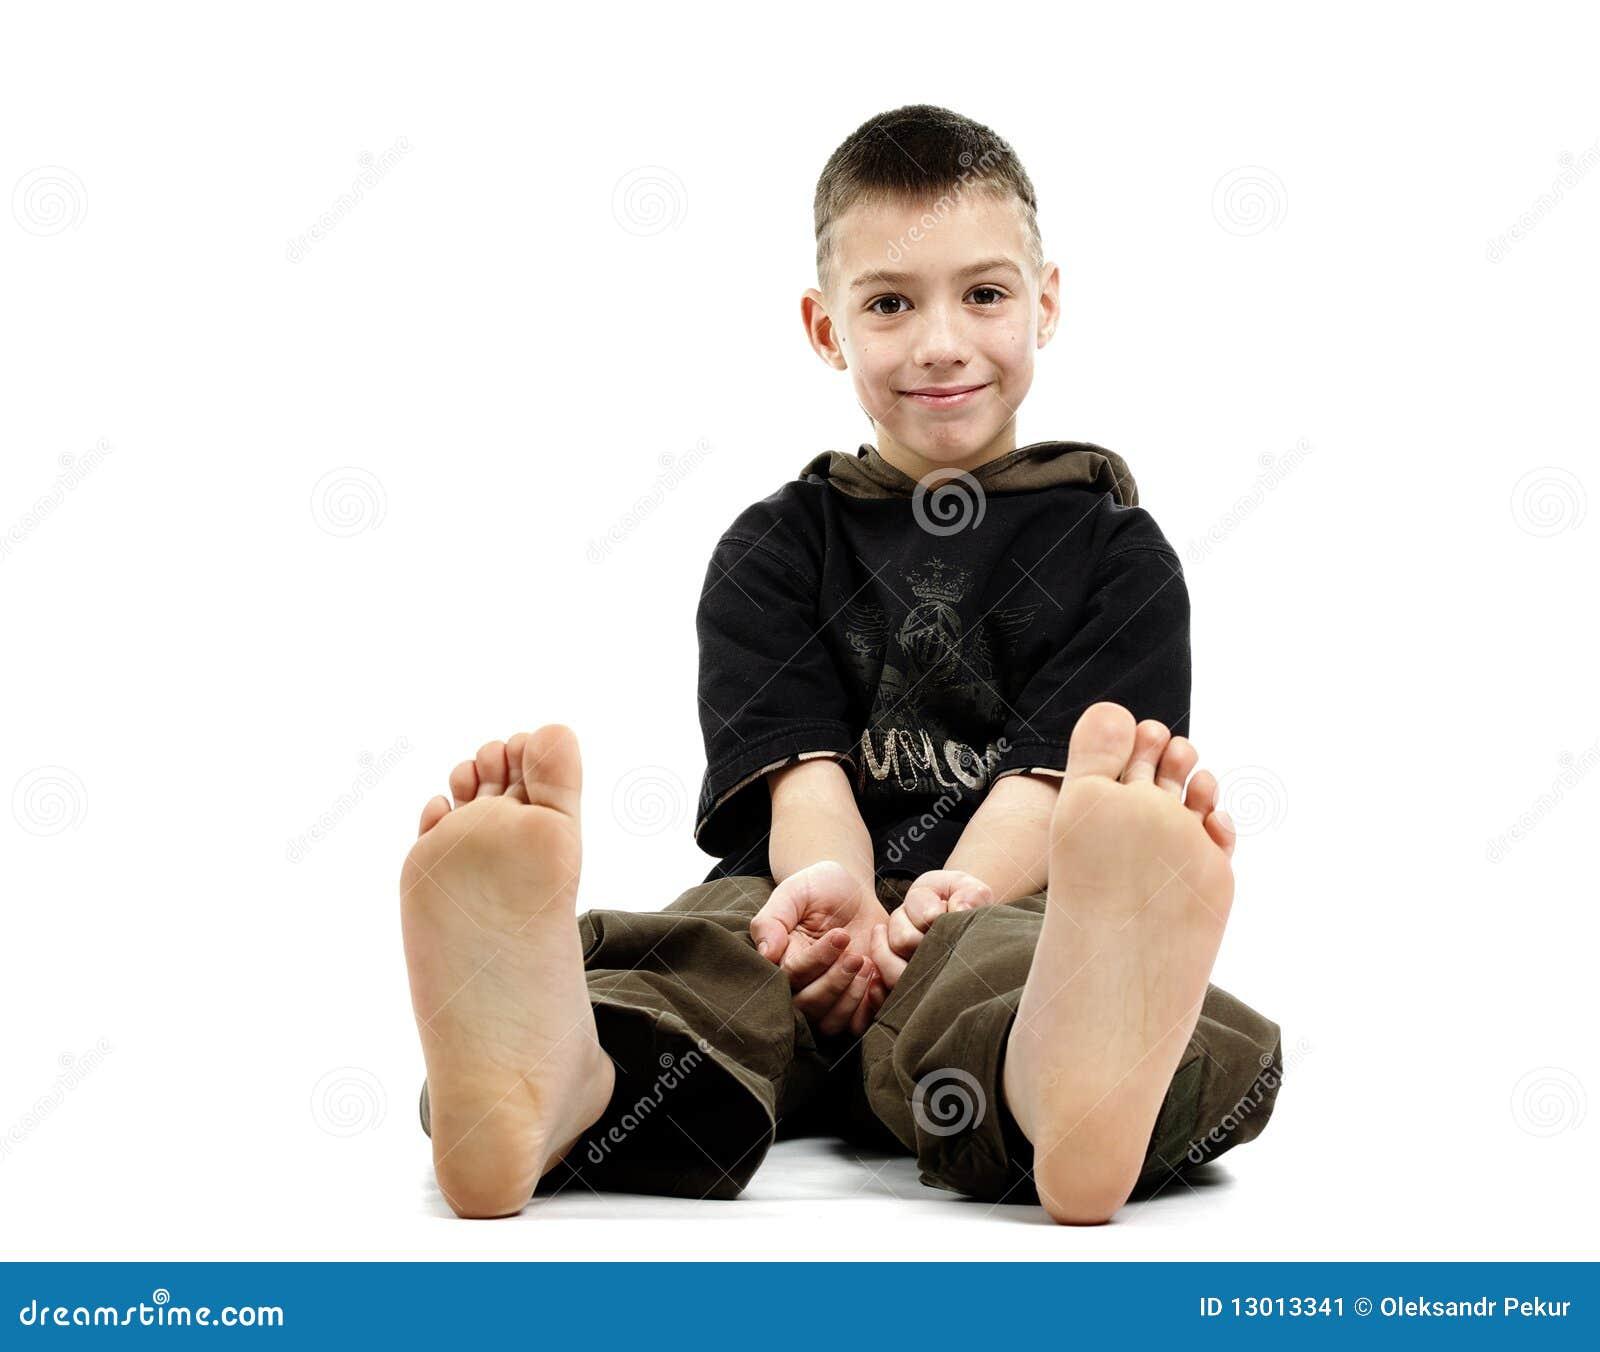 Little Boy Sitting Barefoot, Stock Image - Image: 13013341